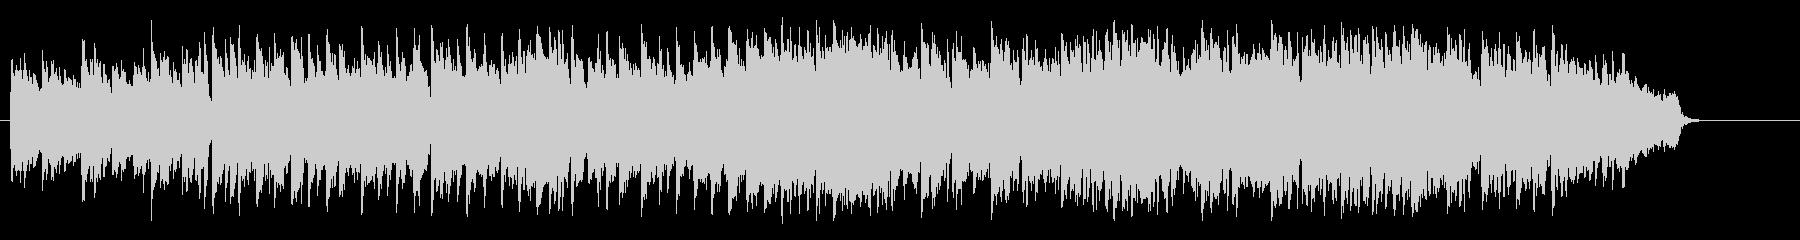 感動的なバラード/ブライダルの未再生の波形